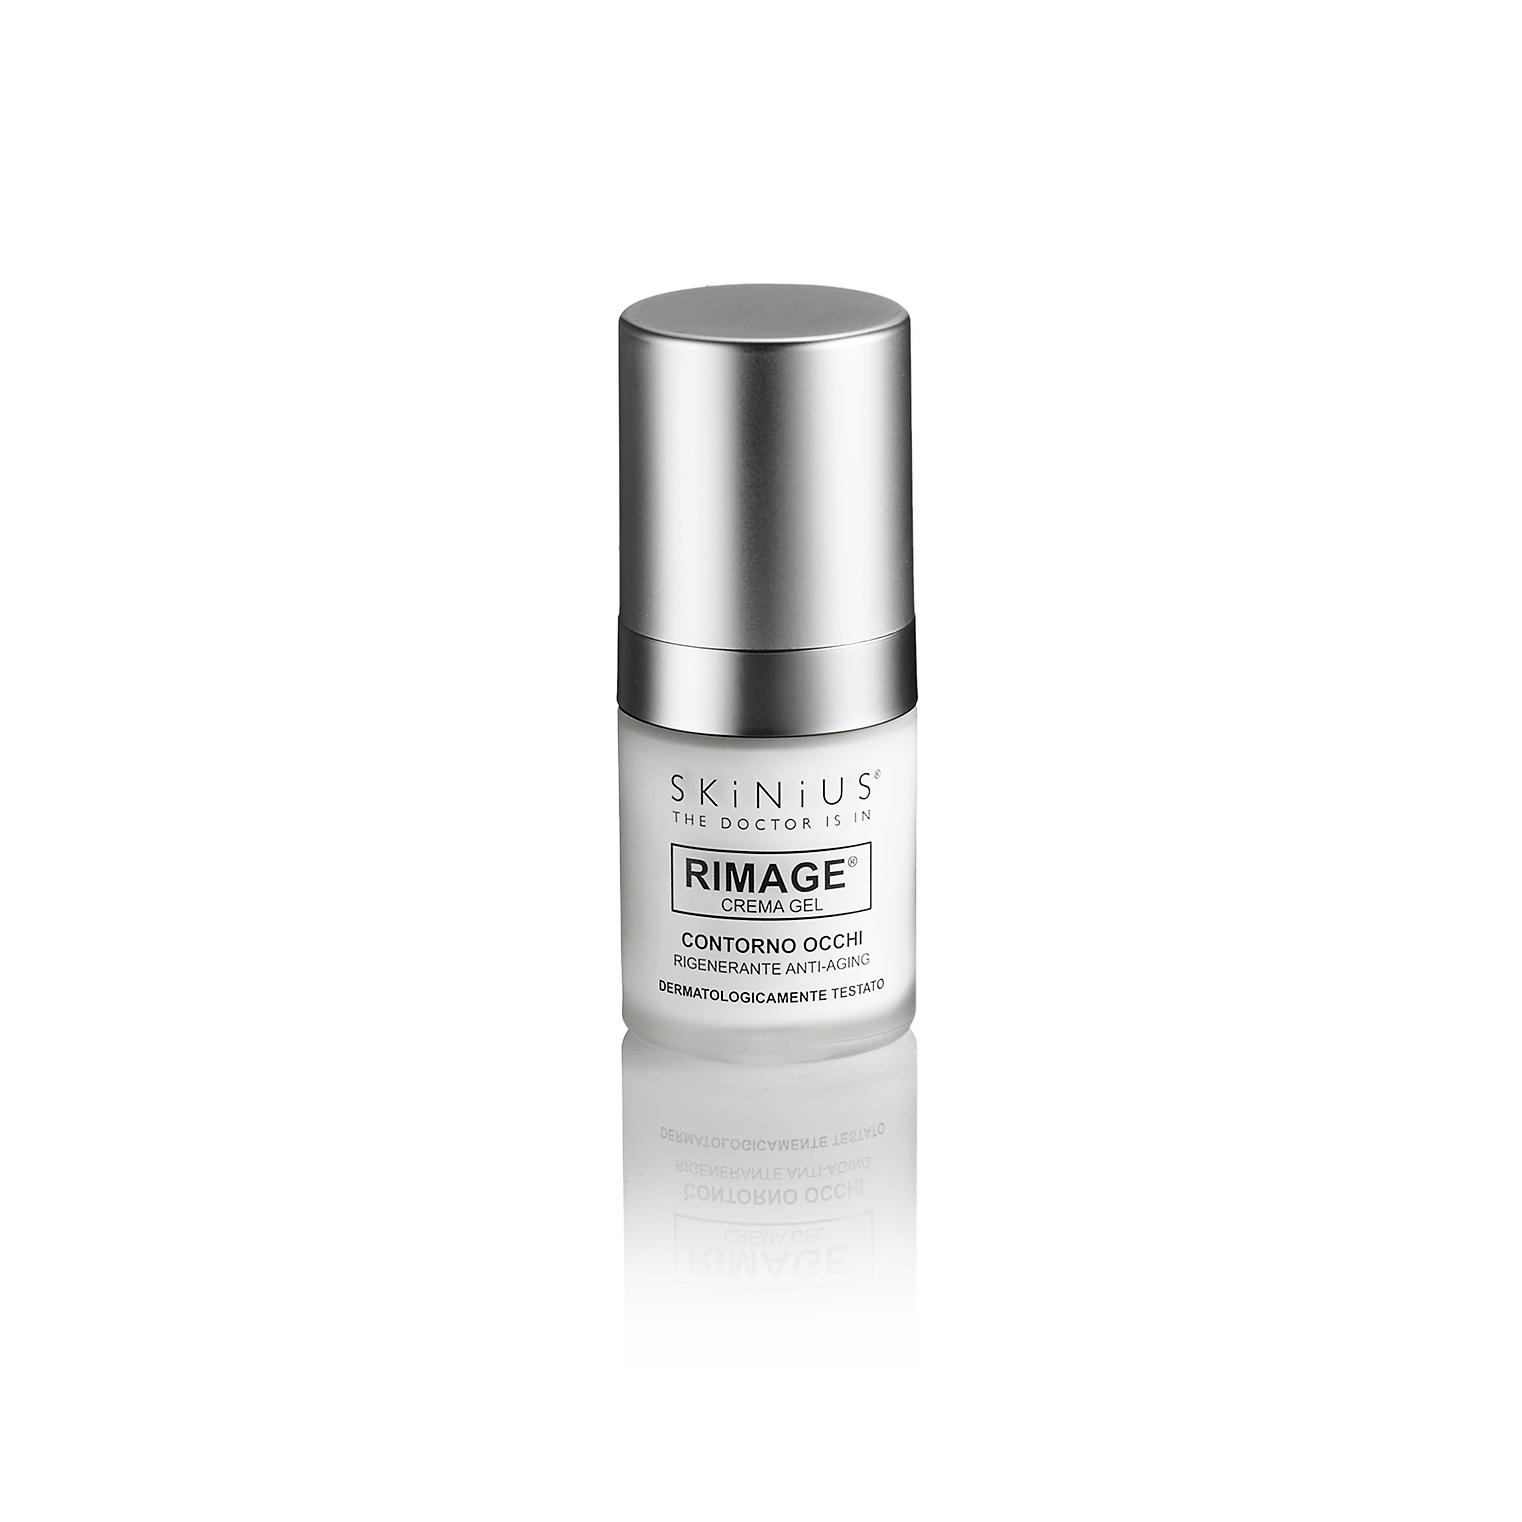 Rimage è la crema per il contorno occhi ideale per prevenire e attenuare micro-rughe, occhiaie, borse e cedimento delle palpebre.